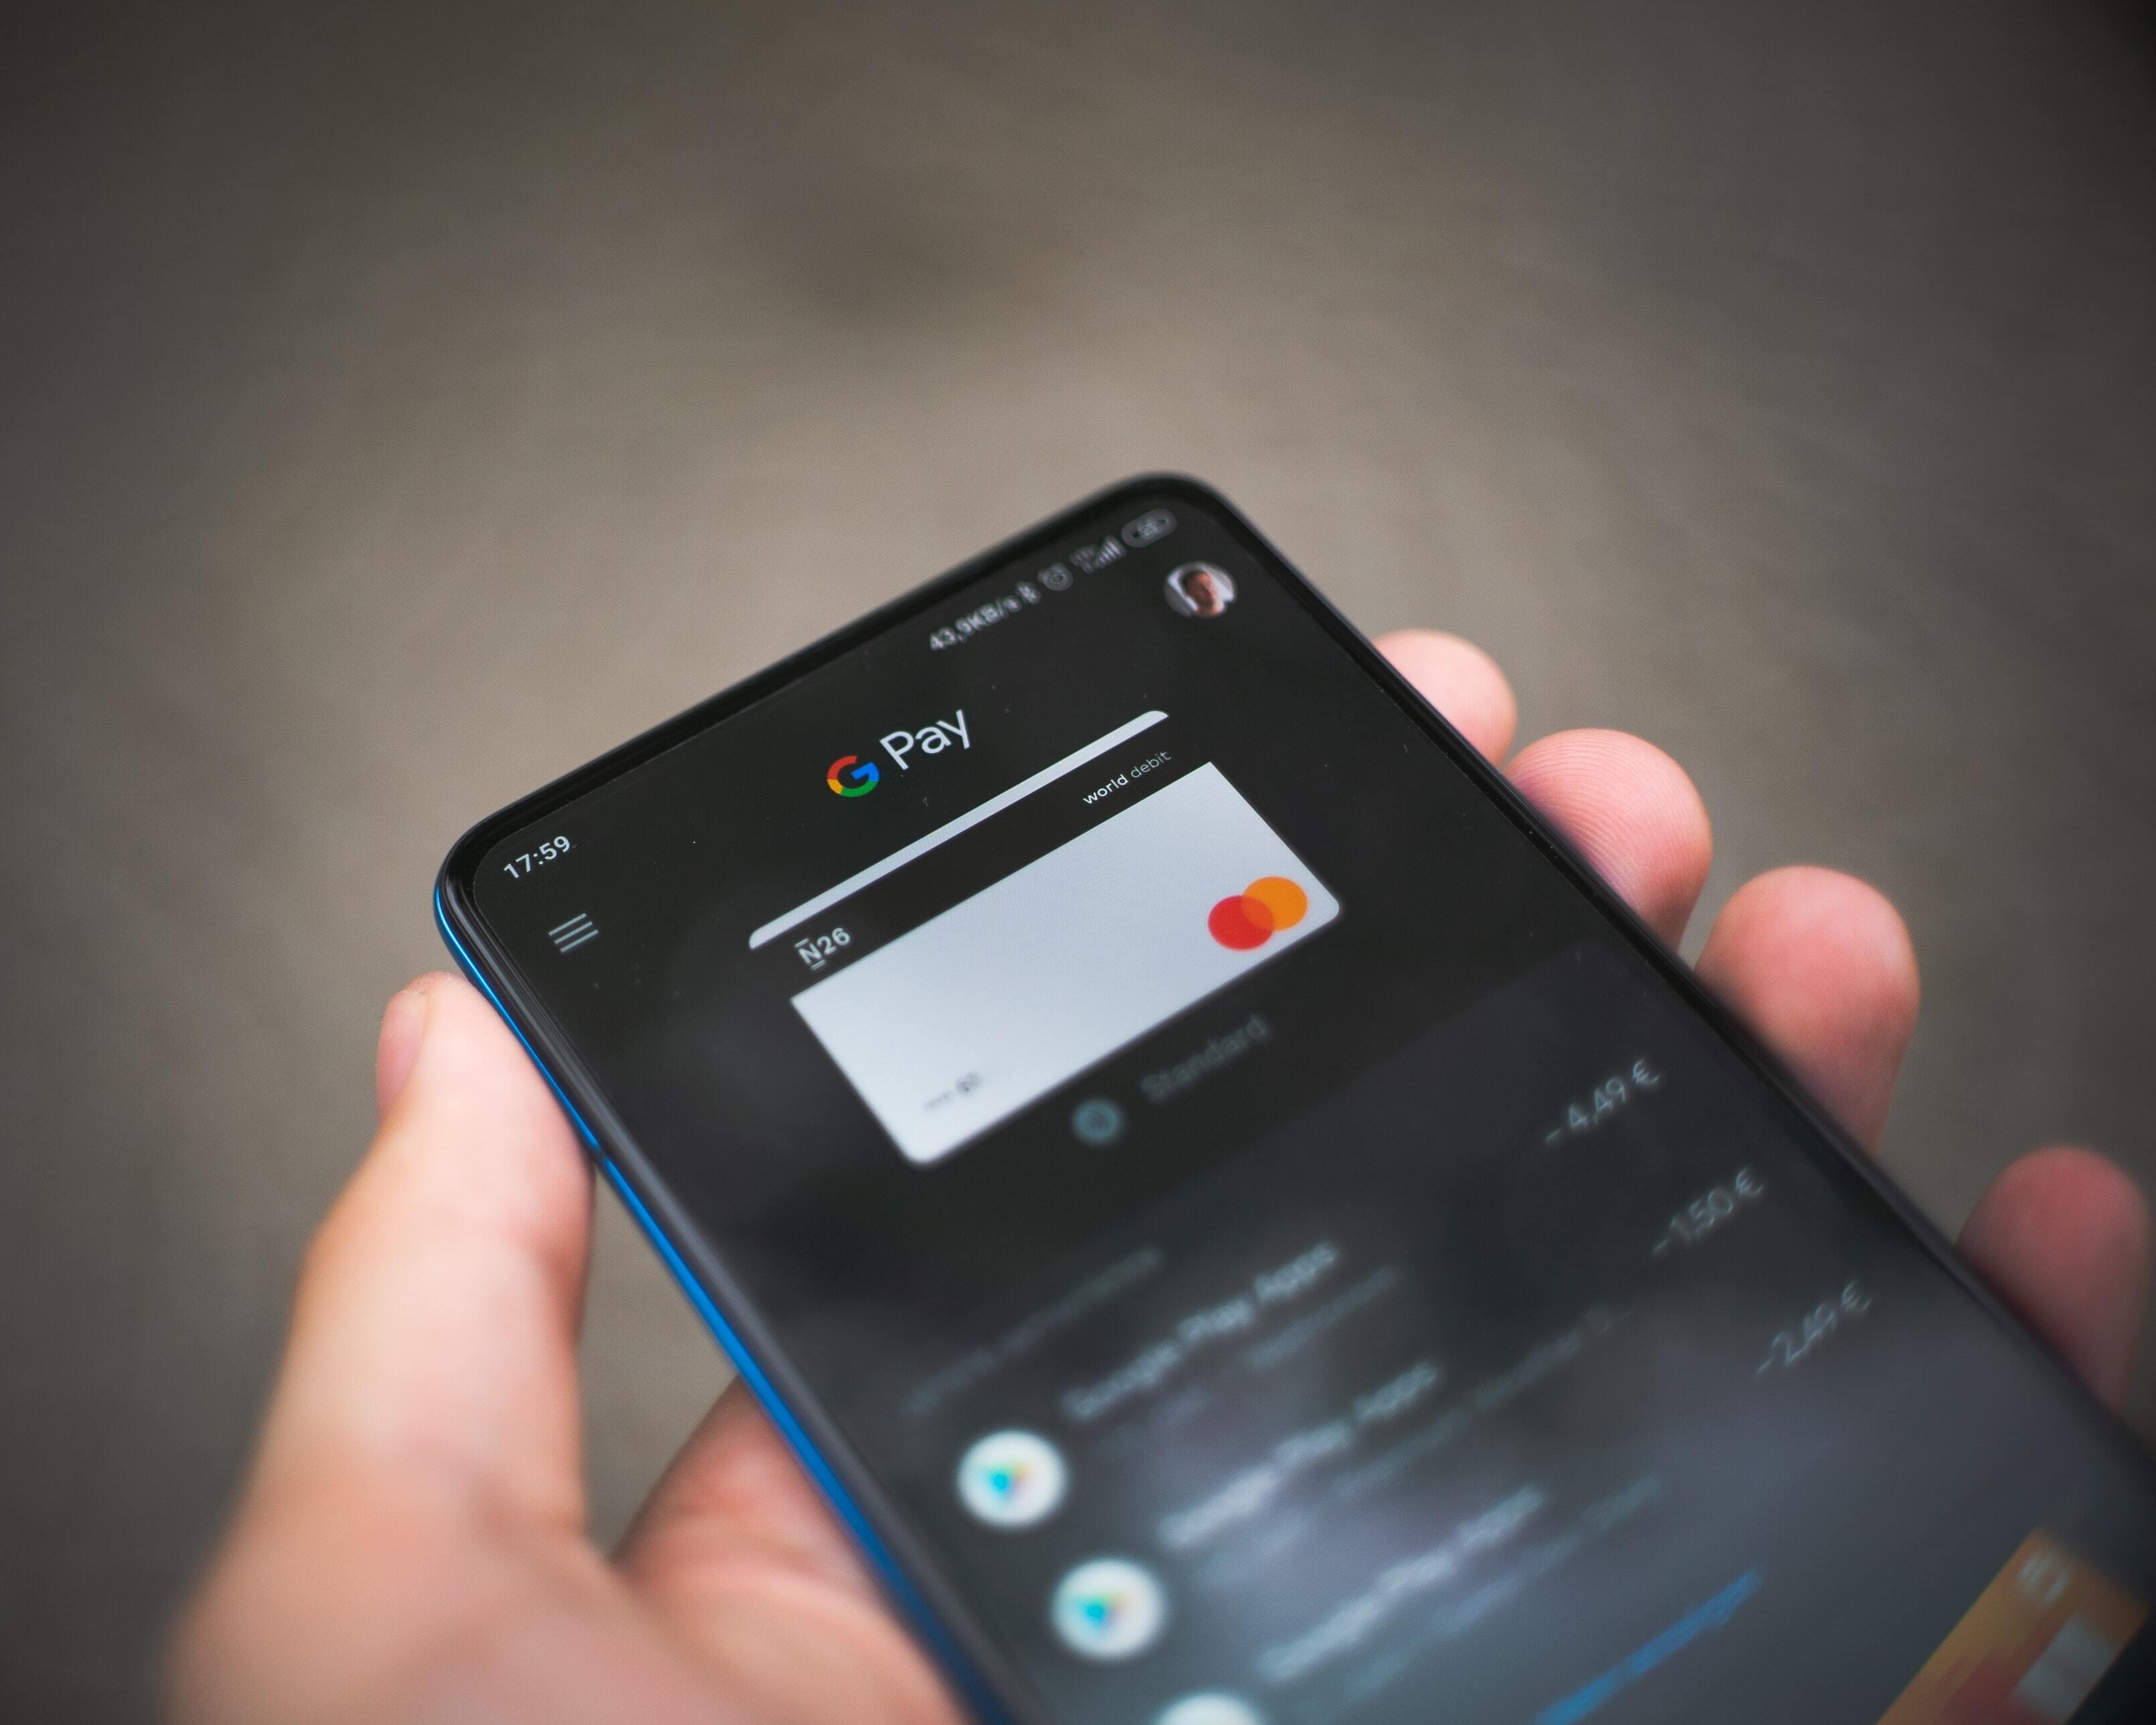 Россиянам рассказали, какой способ оплаты безопаснее  картой или смартфоном